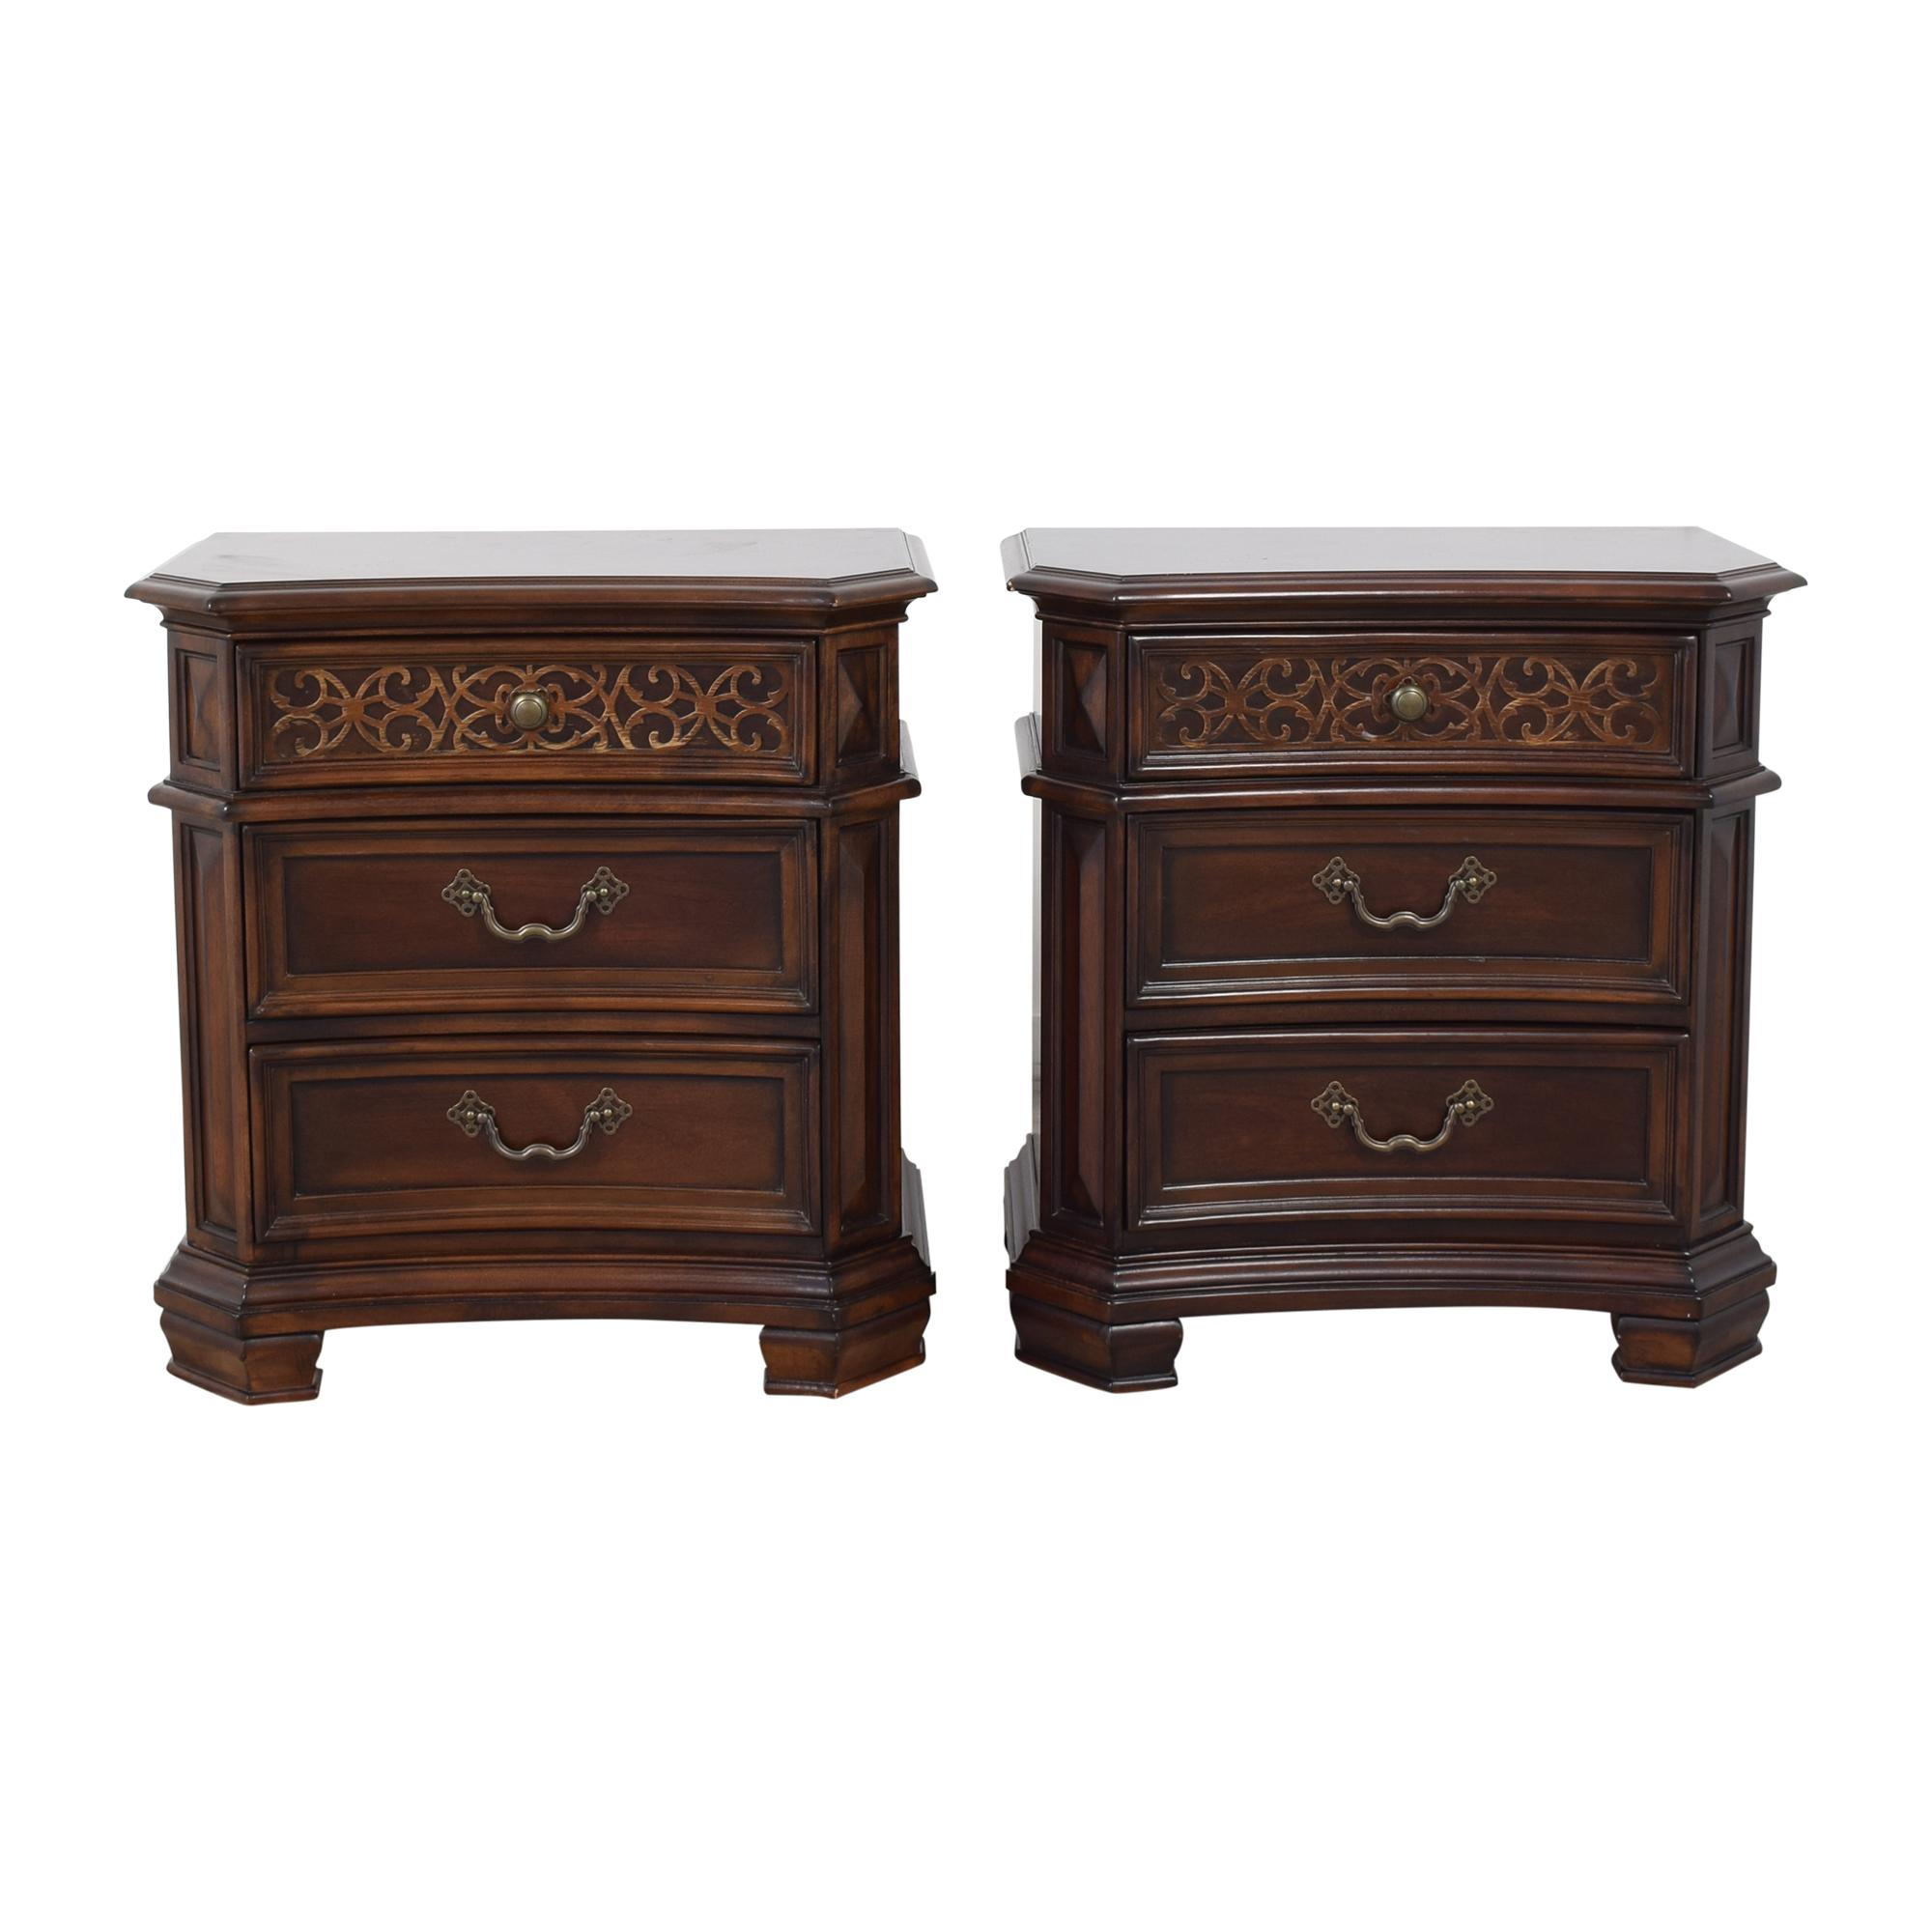 Pulaski Furniture Pulaski Furniture Costa Dorada Nightstands second hand